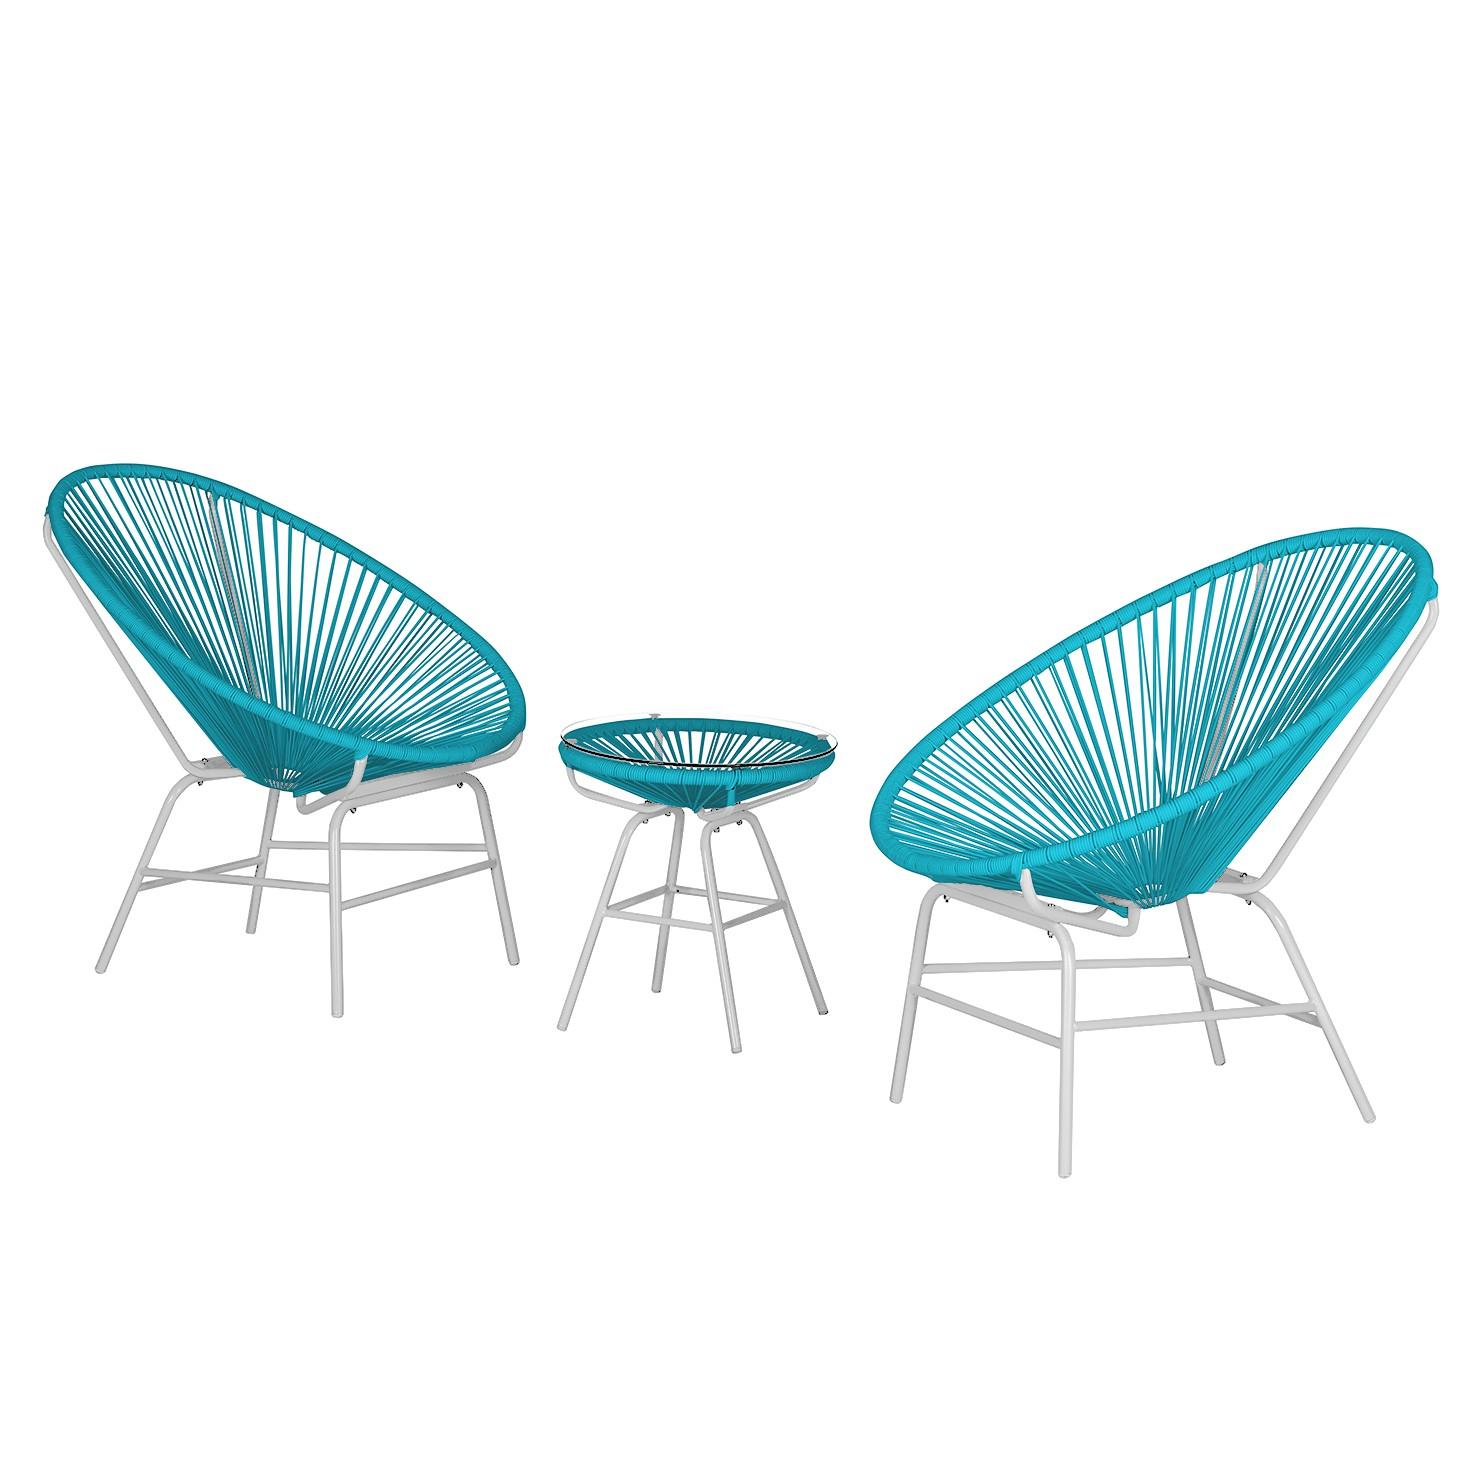 Sitzgruppe Copacabana IV (3-teilig) - Kunststoff / Metall - Türkis / Weiß, Garden Guerilla